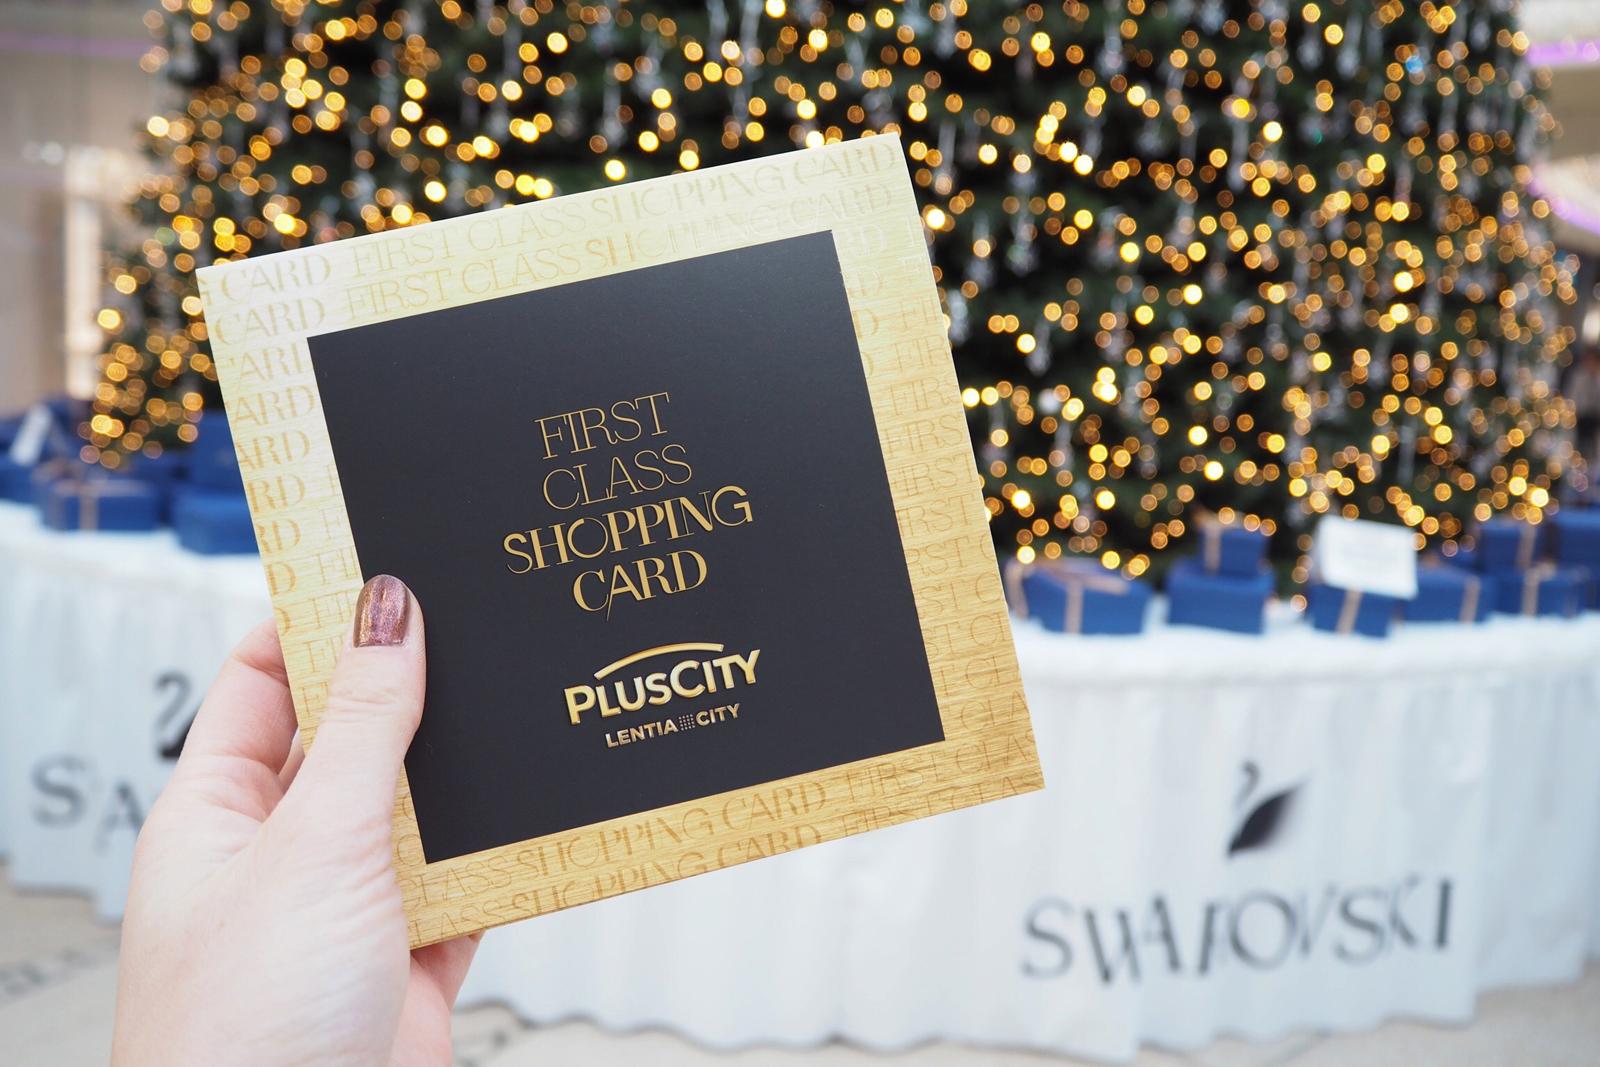 PlusCity-Weihnachtsgeschenke-Geschenktipps-Shopping-Tipps-Haul-Suechtig-nach-Lifestyleblog-Fashionblog-Foodblog-Oberoesterreich-Linz 28